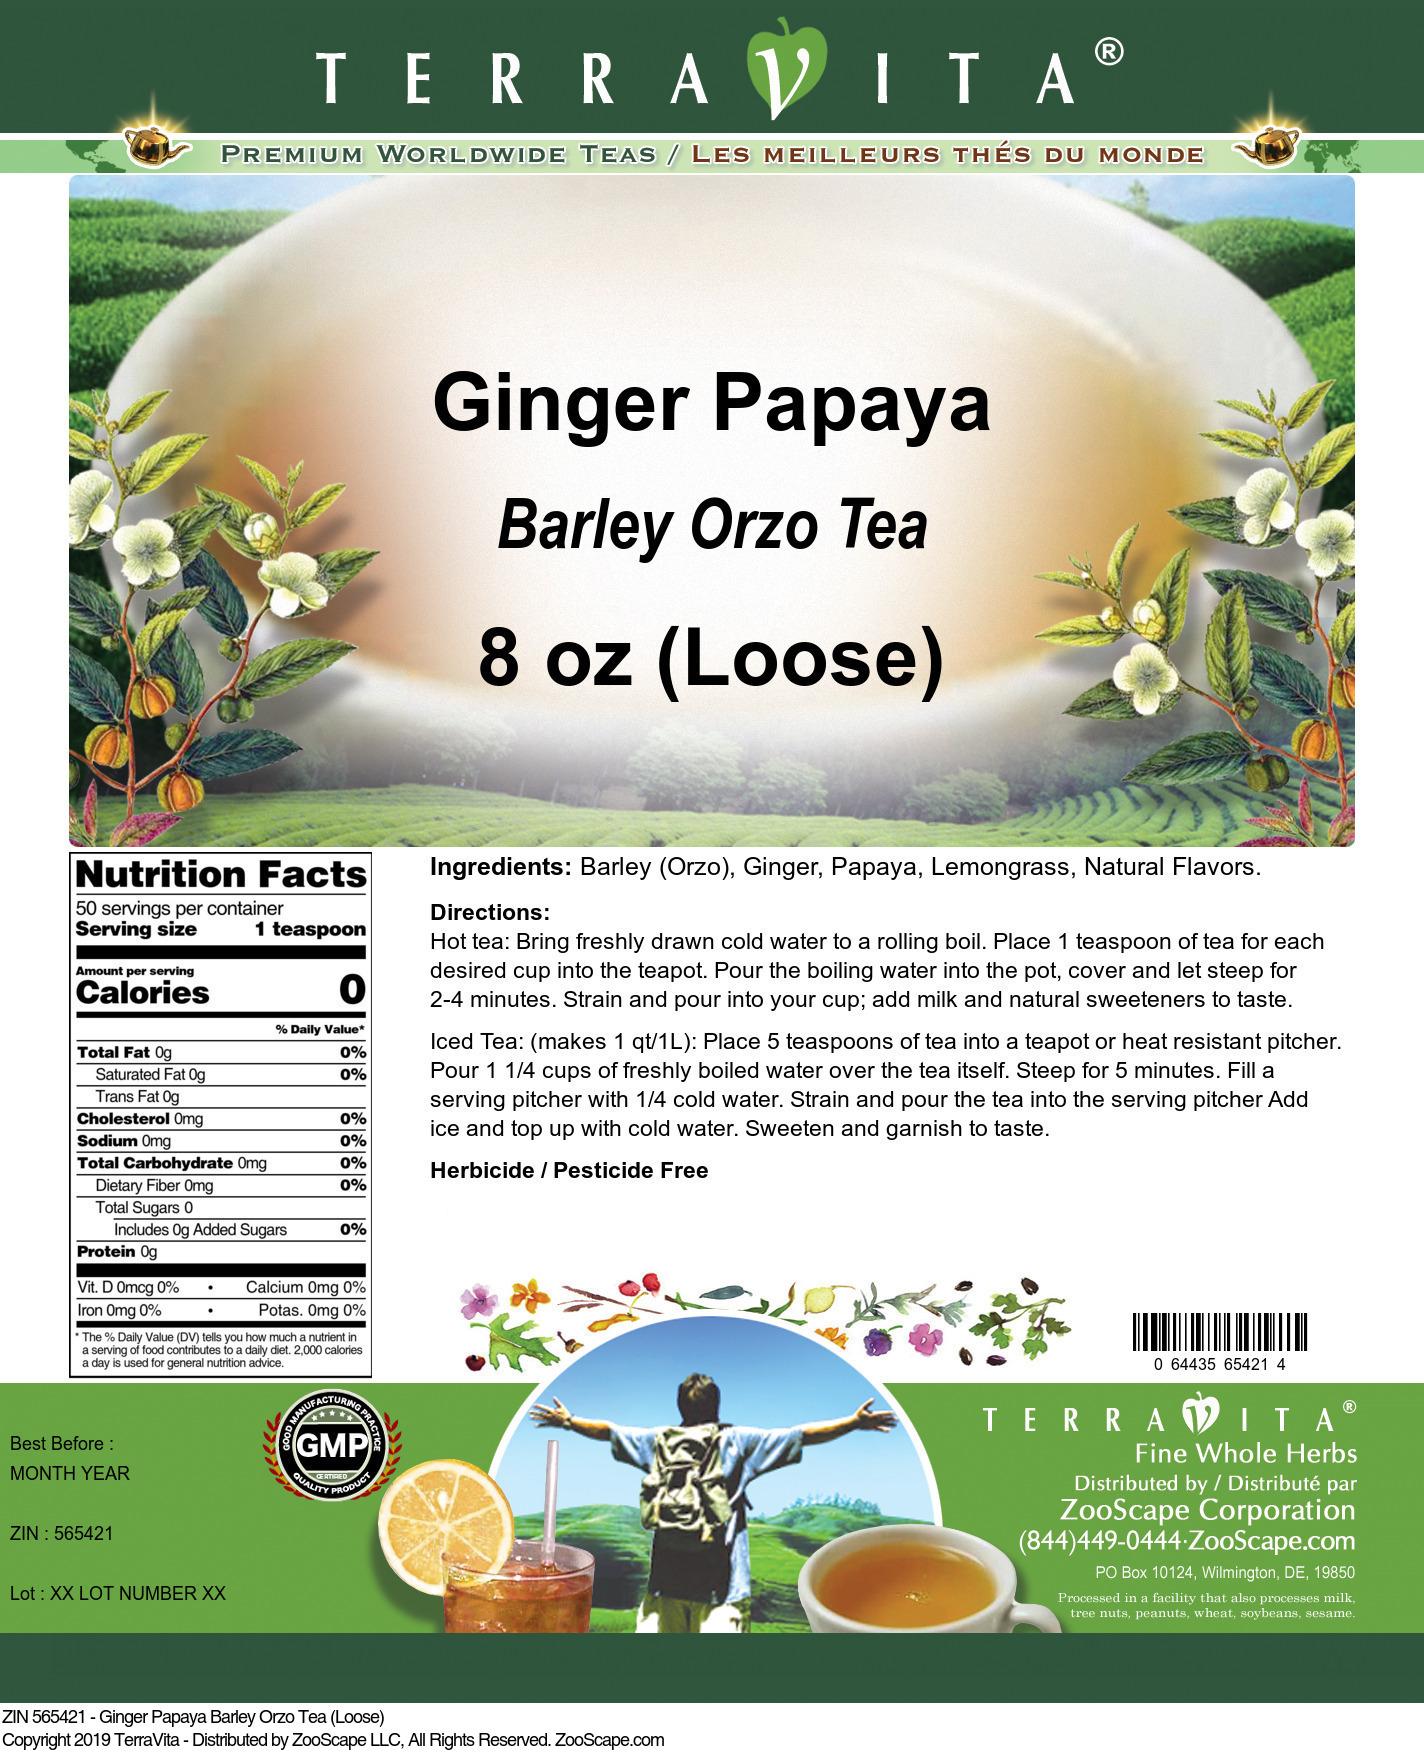 Ginger Papaya Barley Orzo Tea (Loose)